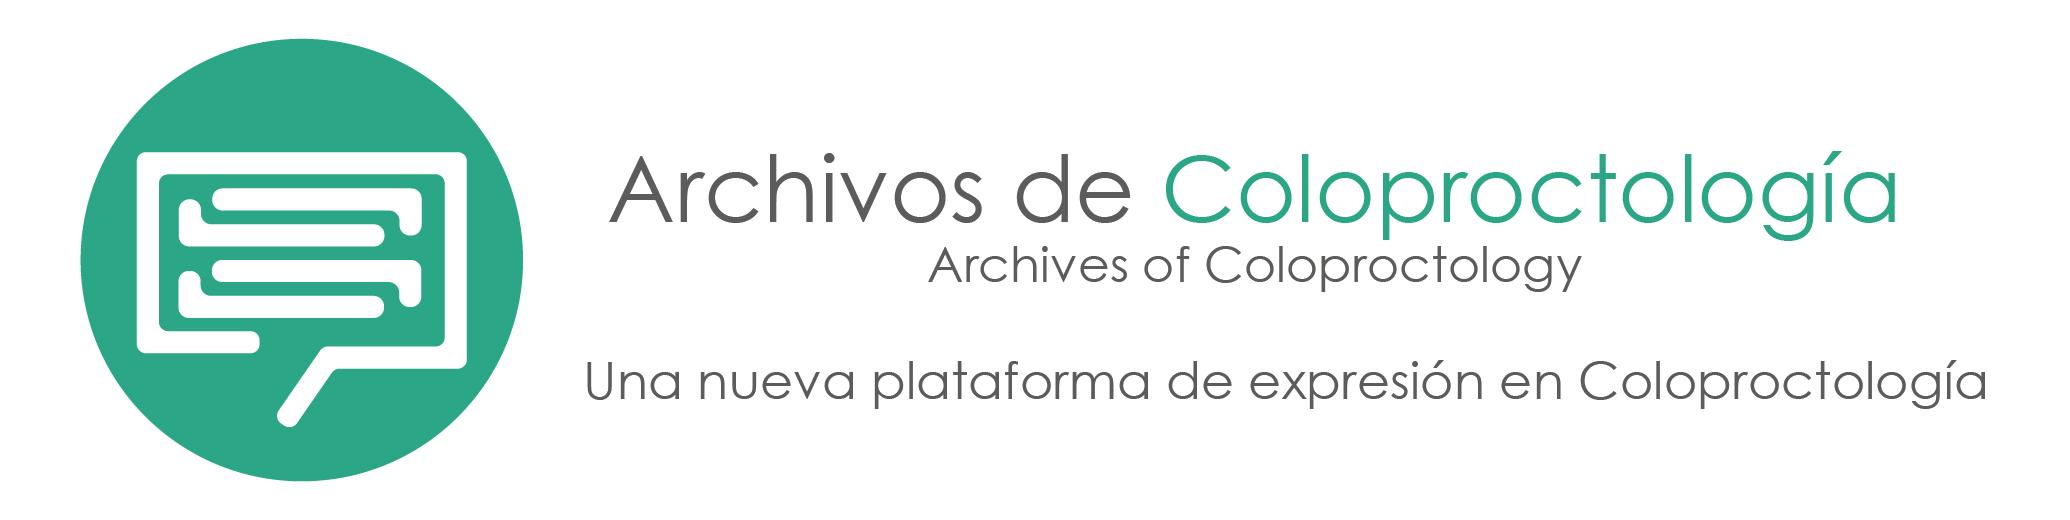 Archivos de Coloproctología